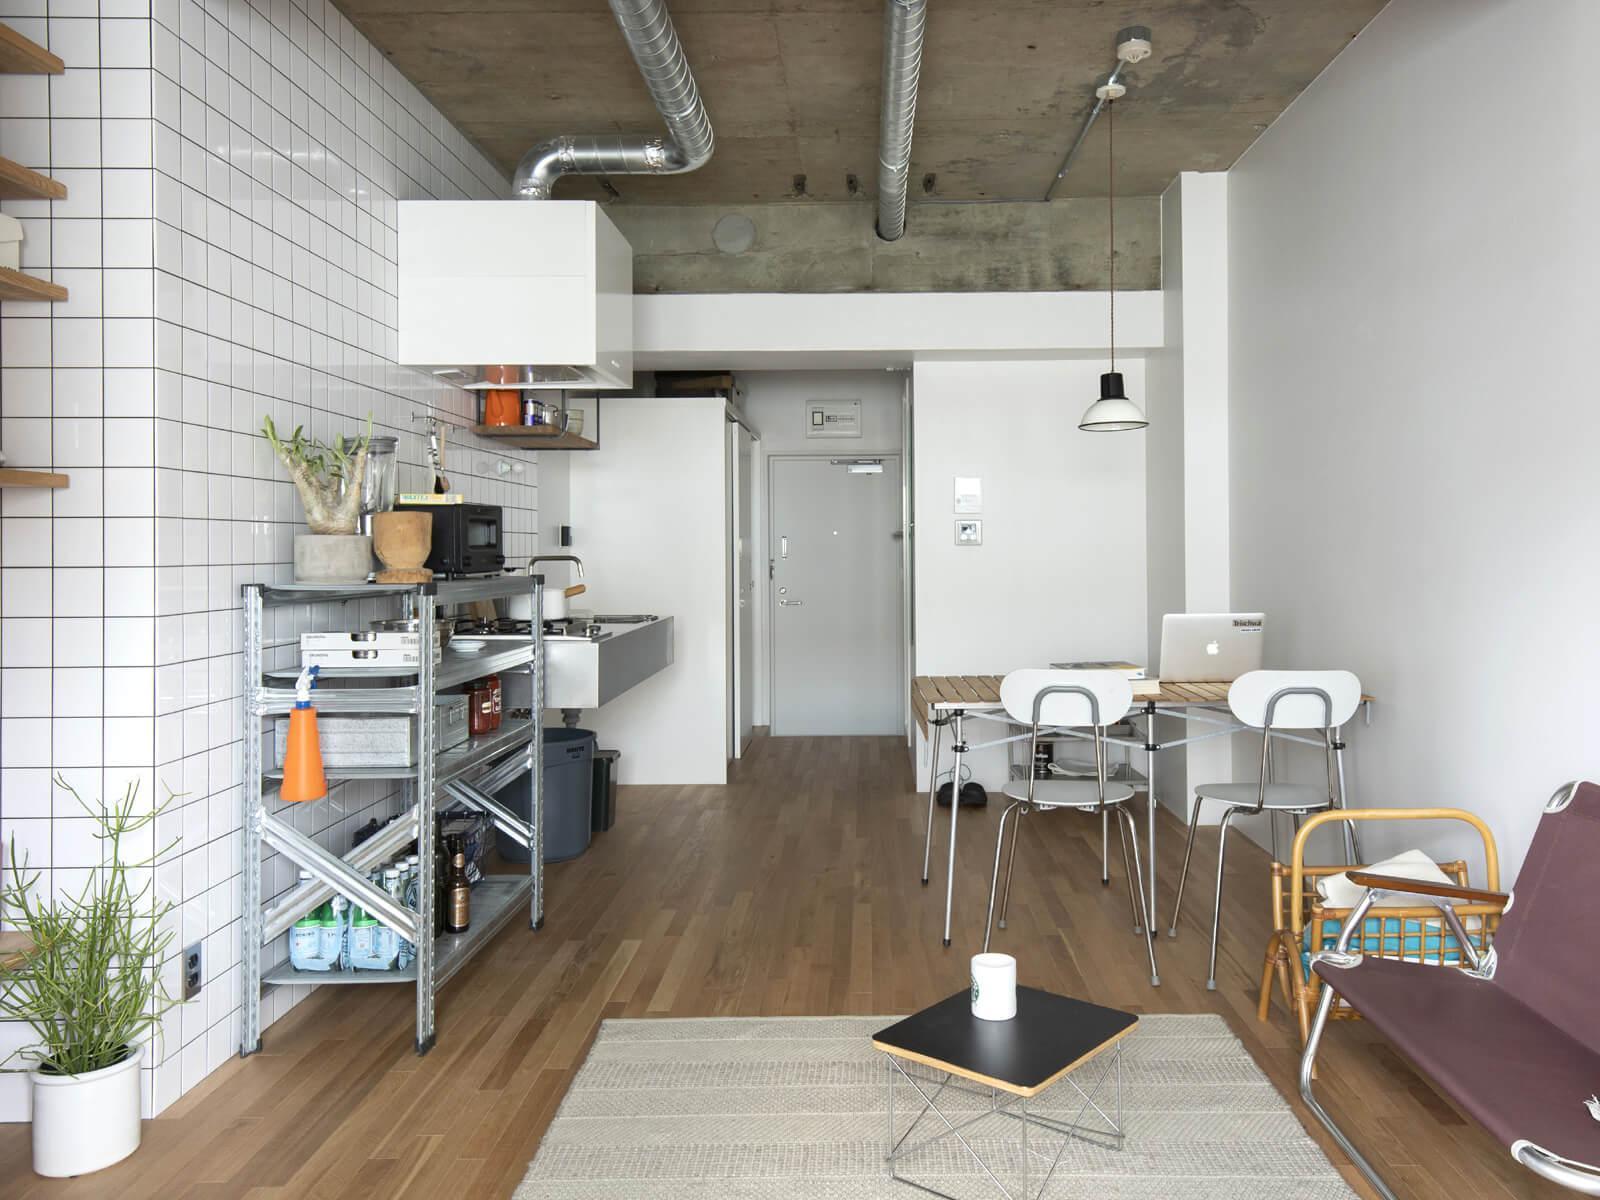 コンクリートの天井 + キッチンの白タイル + オーク床の組み合わせで、リズミカルな空間を演出(7階)